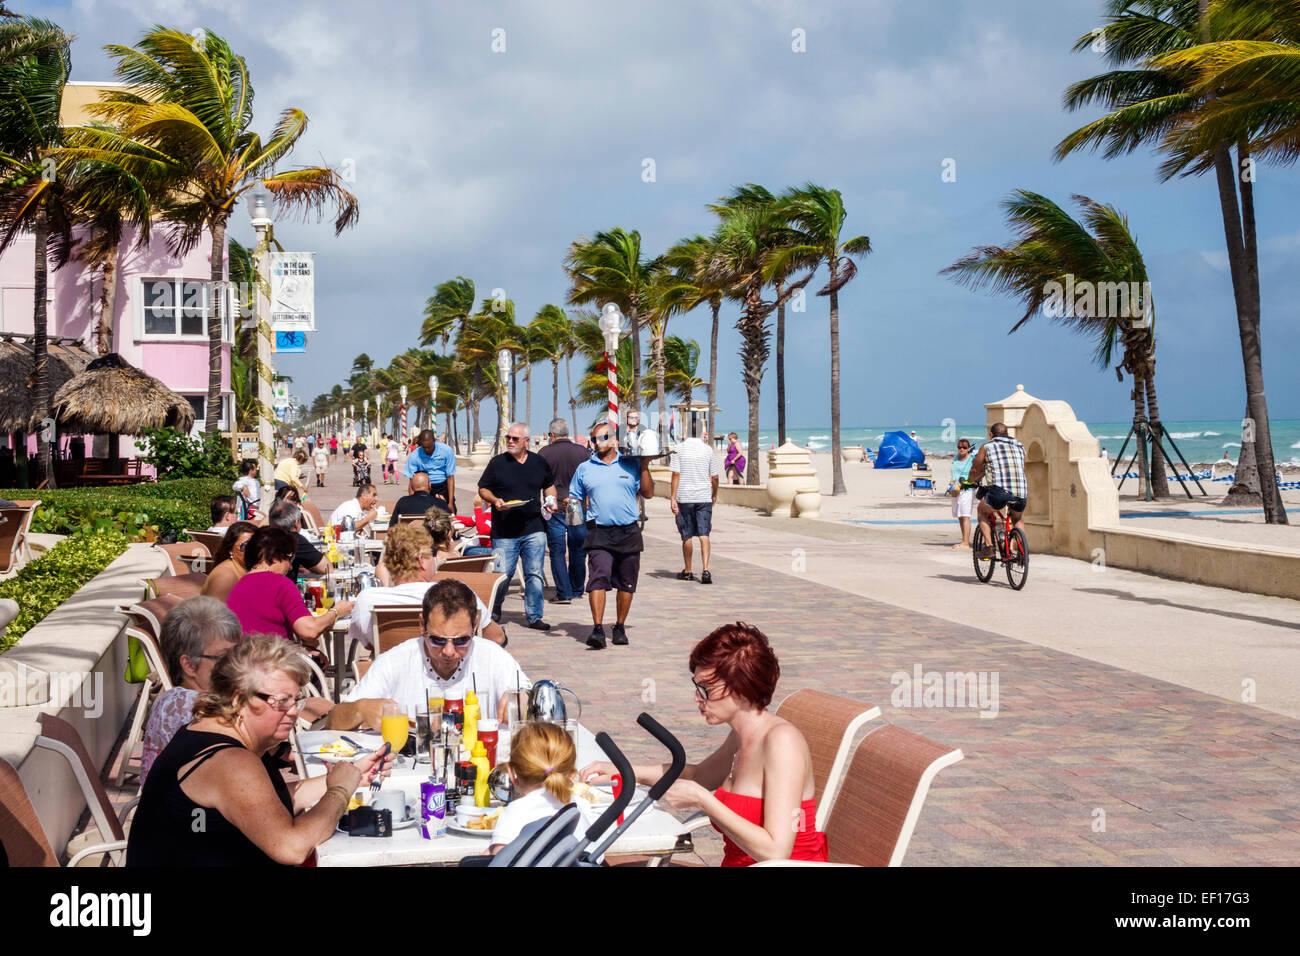 Hollywood Florida North Broadwalk Boardwalk Pedestrian Way